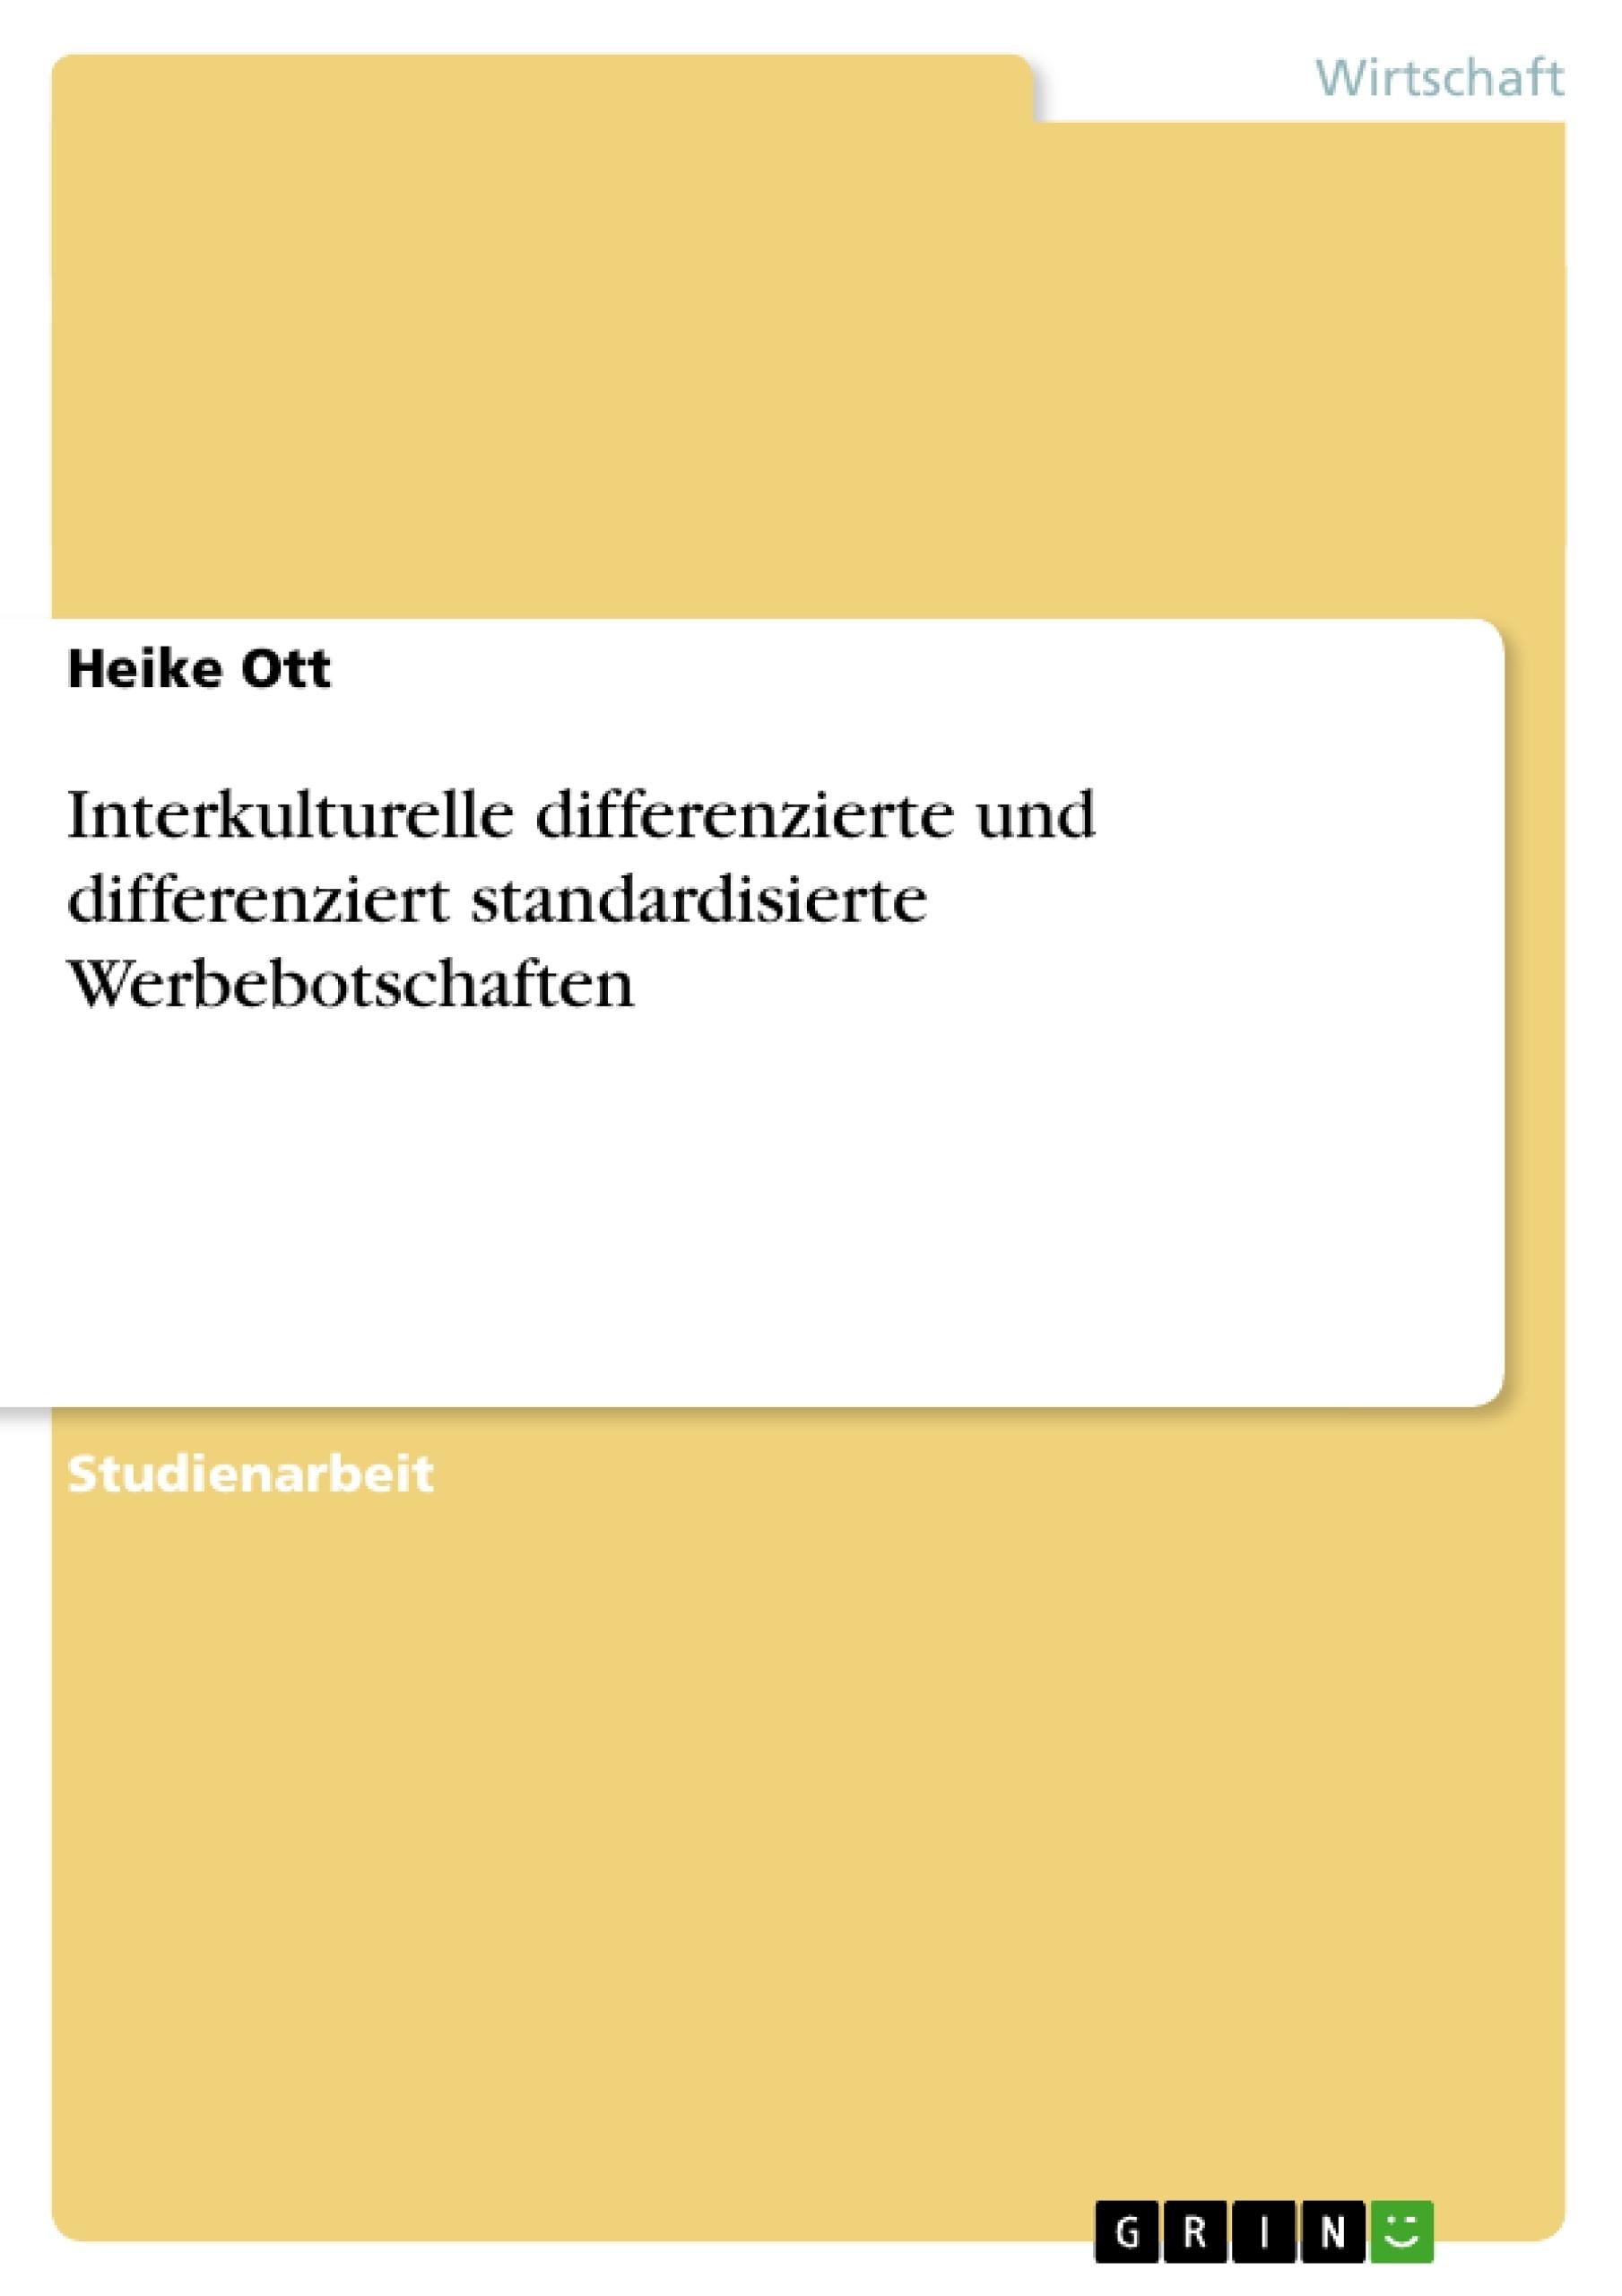 Titel: Interkulturelle differenzierte und differenziert standardisierte Werbebotschaften